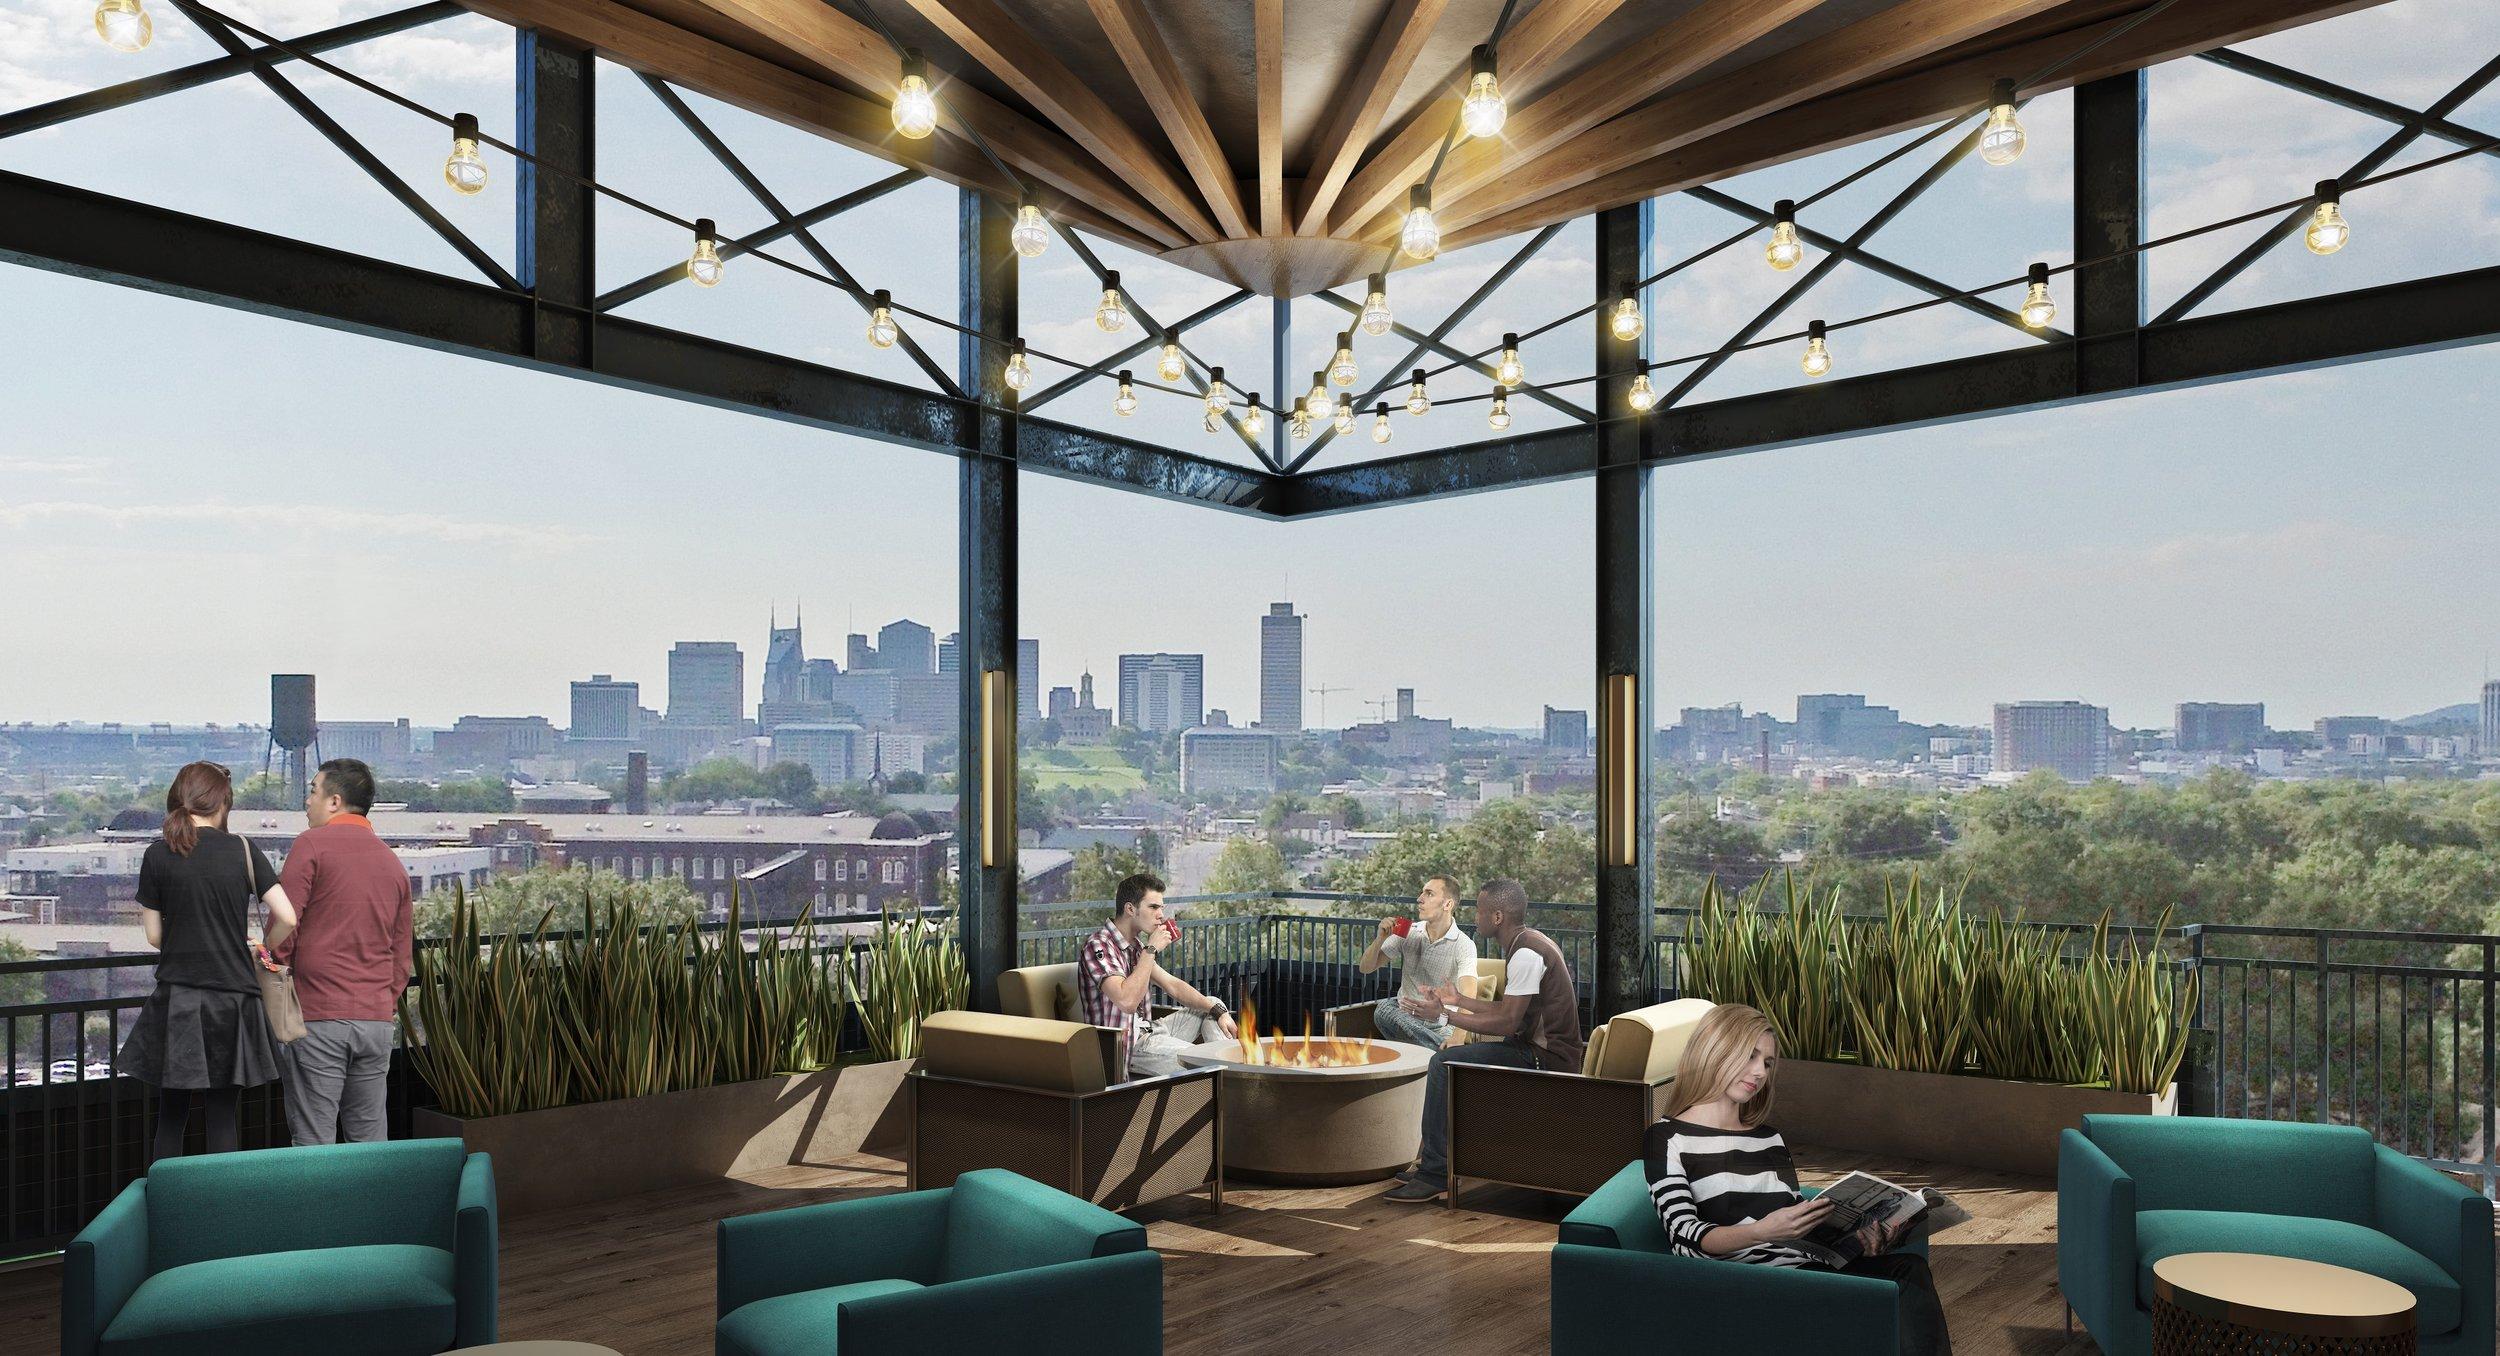 Terrace View - 3600 Wide - 12-19-16.jpg